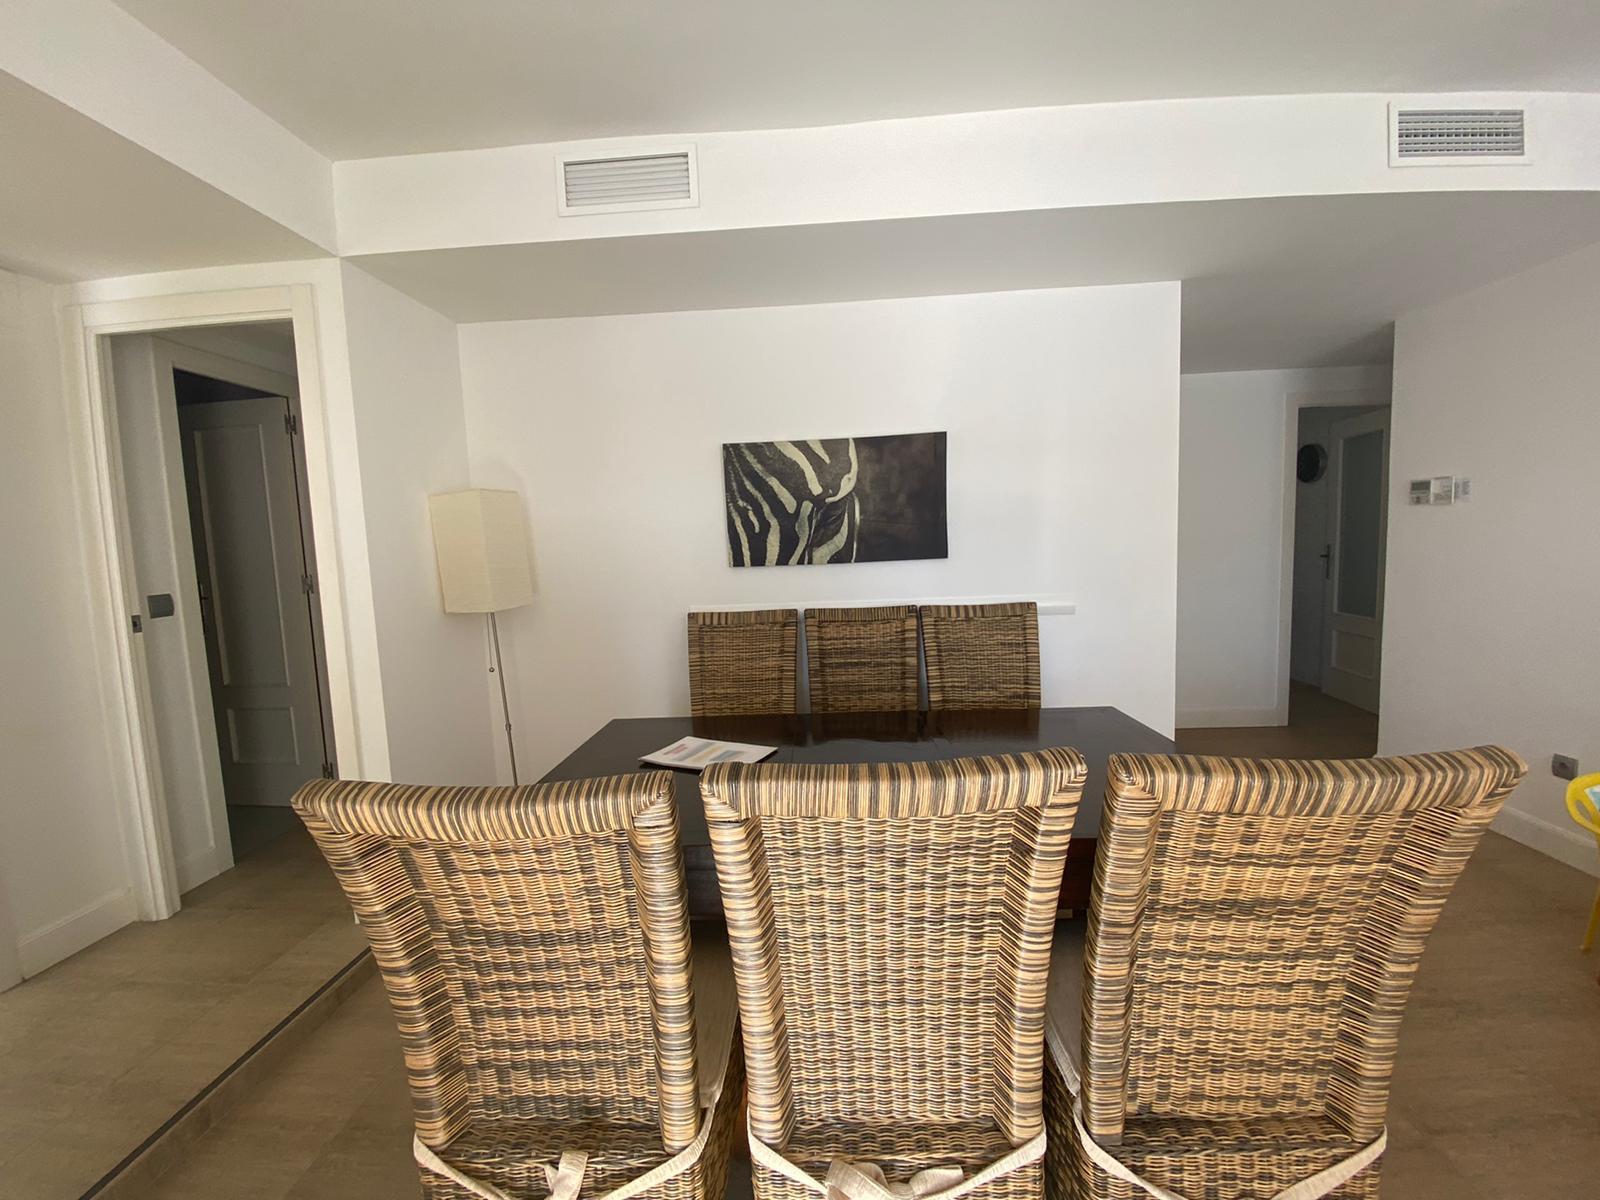 Imagen 4 del Apartamento Turístico, Ático 6 Central (3d+2b), Punta del Moral (HUELVA), Paseo de la Cruz nº22